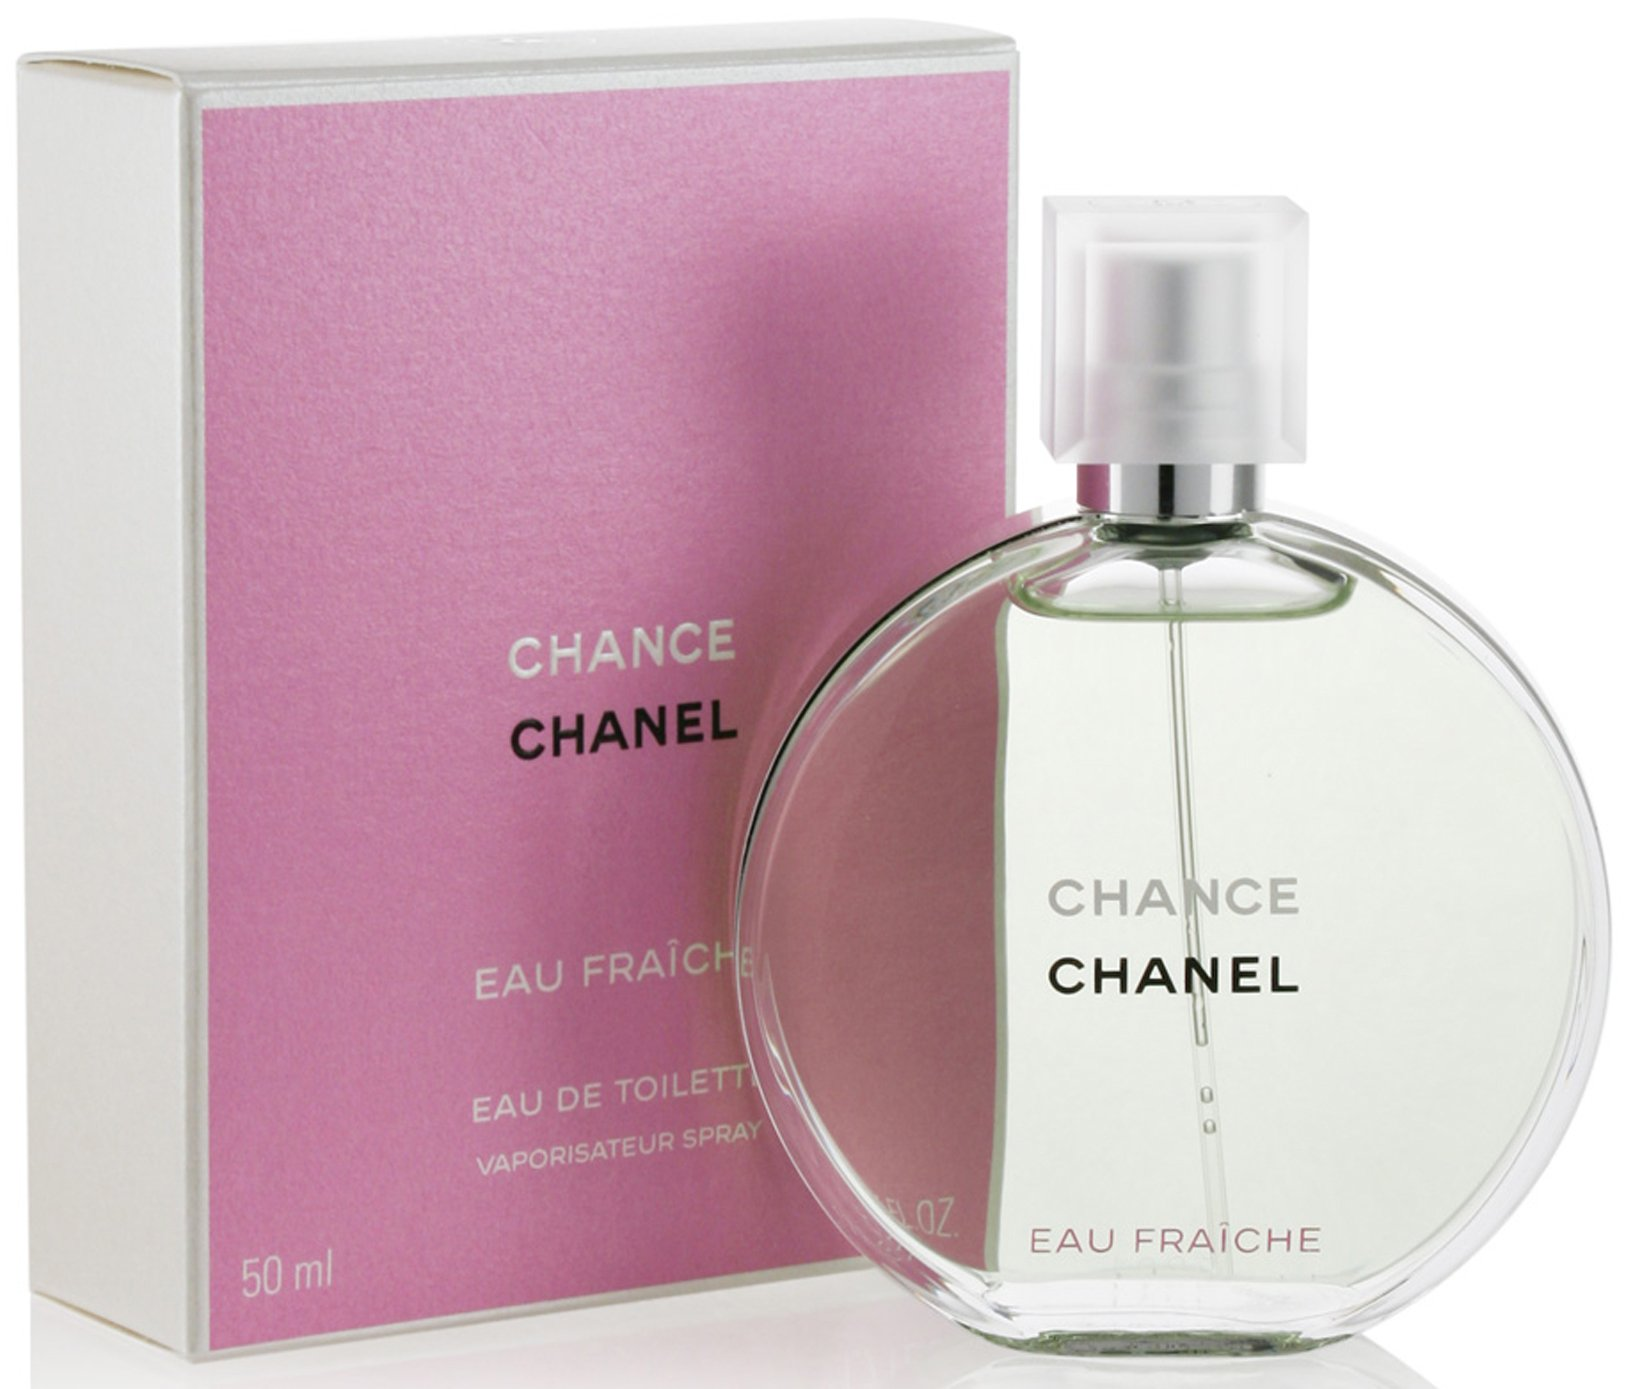 Chancè Chanèl Eau Fraiche Eau De Toilette Spray, for Woman EDT 1.7 fl oz, 50 ml